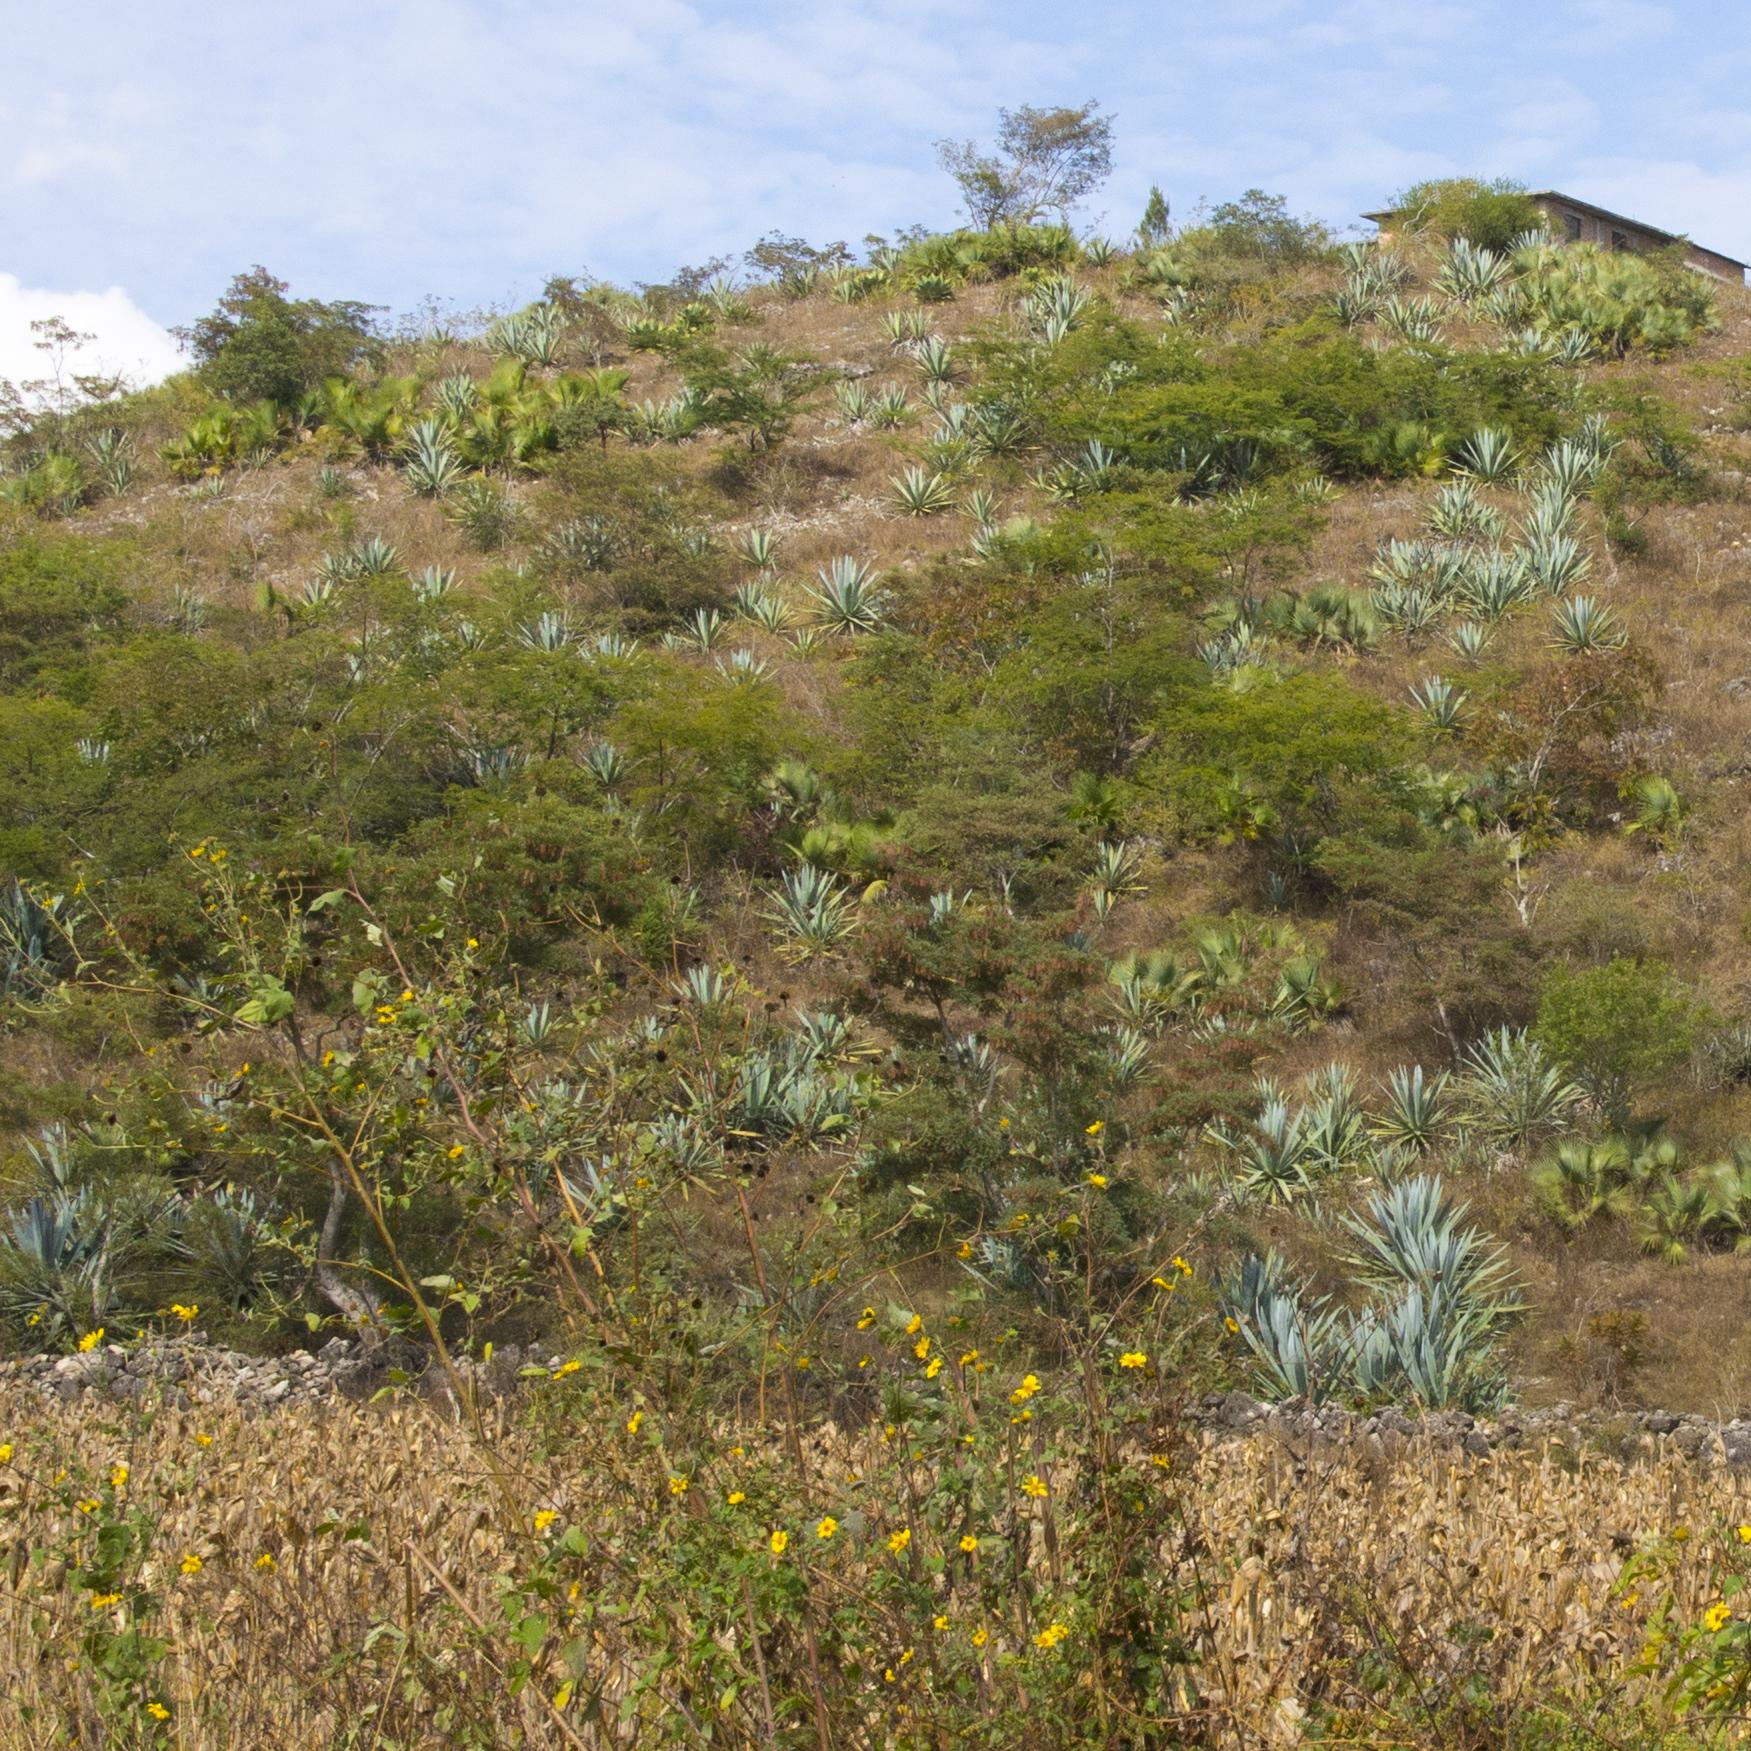 Siembra de maguey berraco en una parcela cerca de Chilapa.